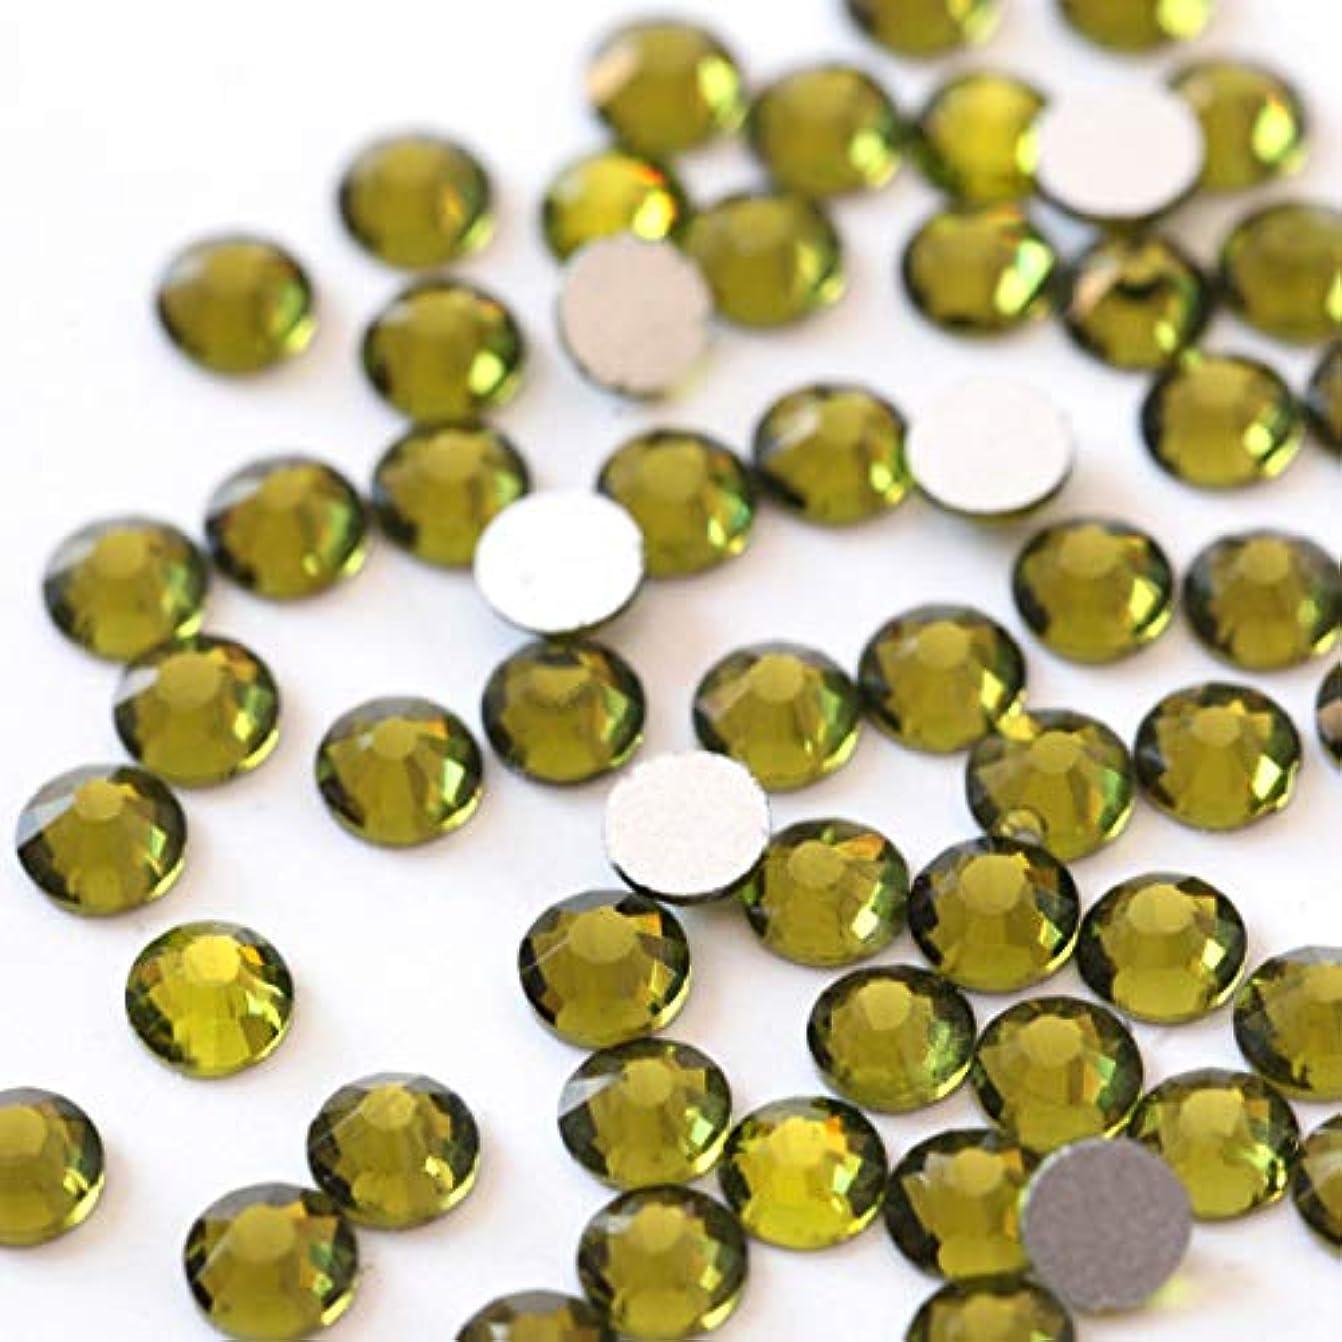 時計花瓶寄り添う【ラインストーン77】高品質ガラス製ラインストーン オリーブ(6.3mm (SS30) 約45粒)